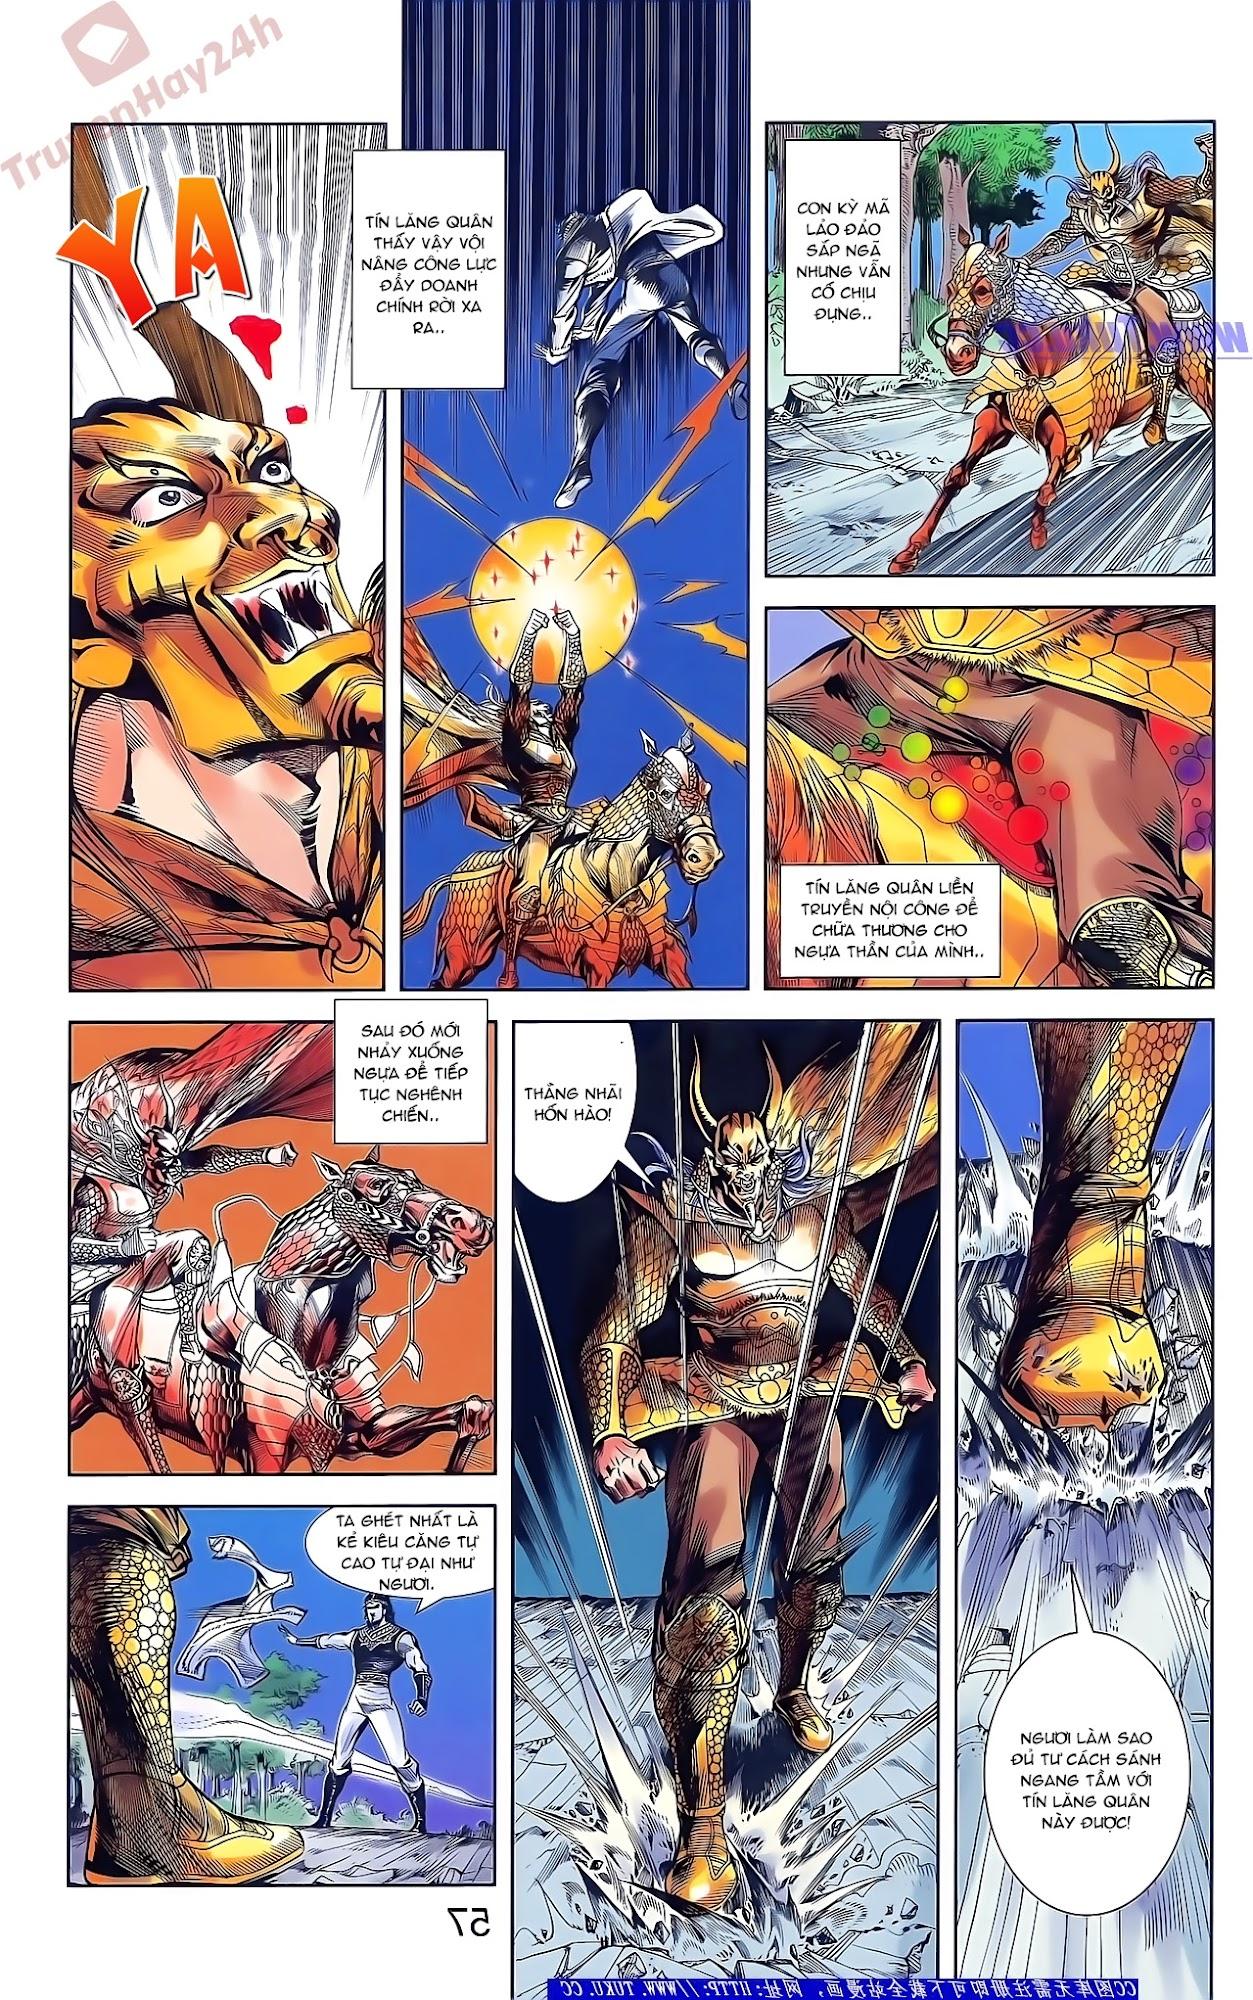 Tần Vương Doanh Chính chapter 49 trang 11